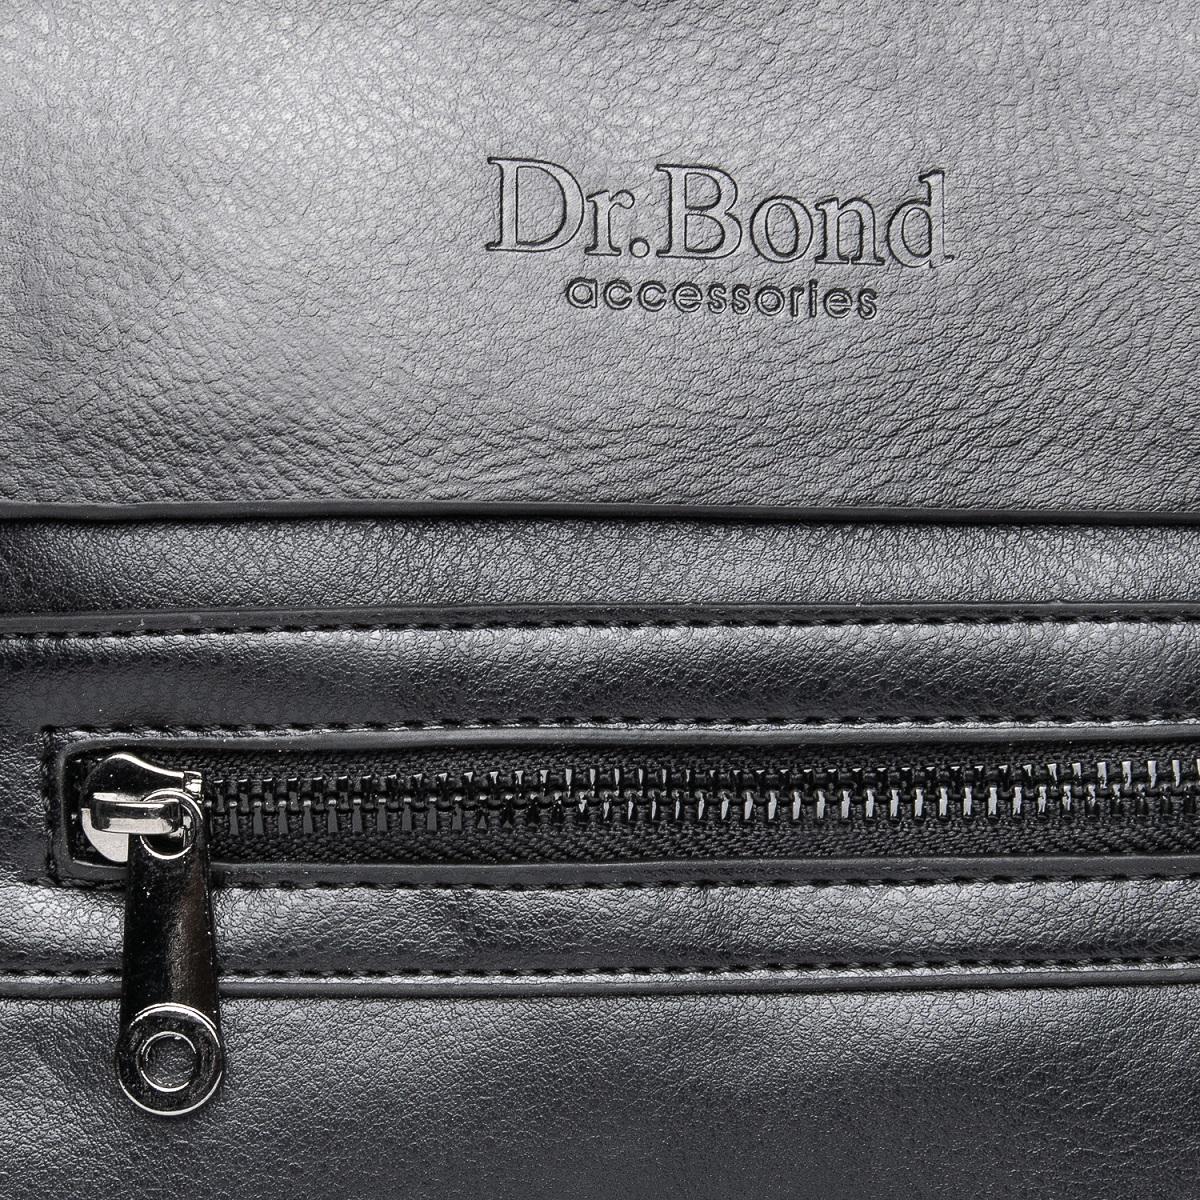 Сумка Мужская Планшет иск-кожа DR. BOND GL 315-1 black - фото 3